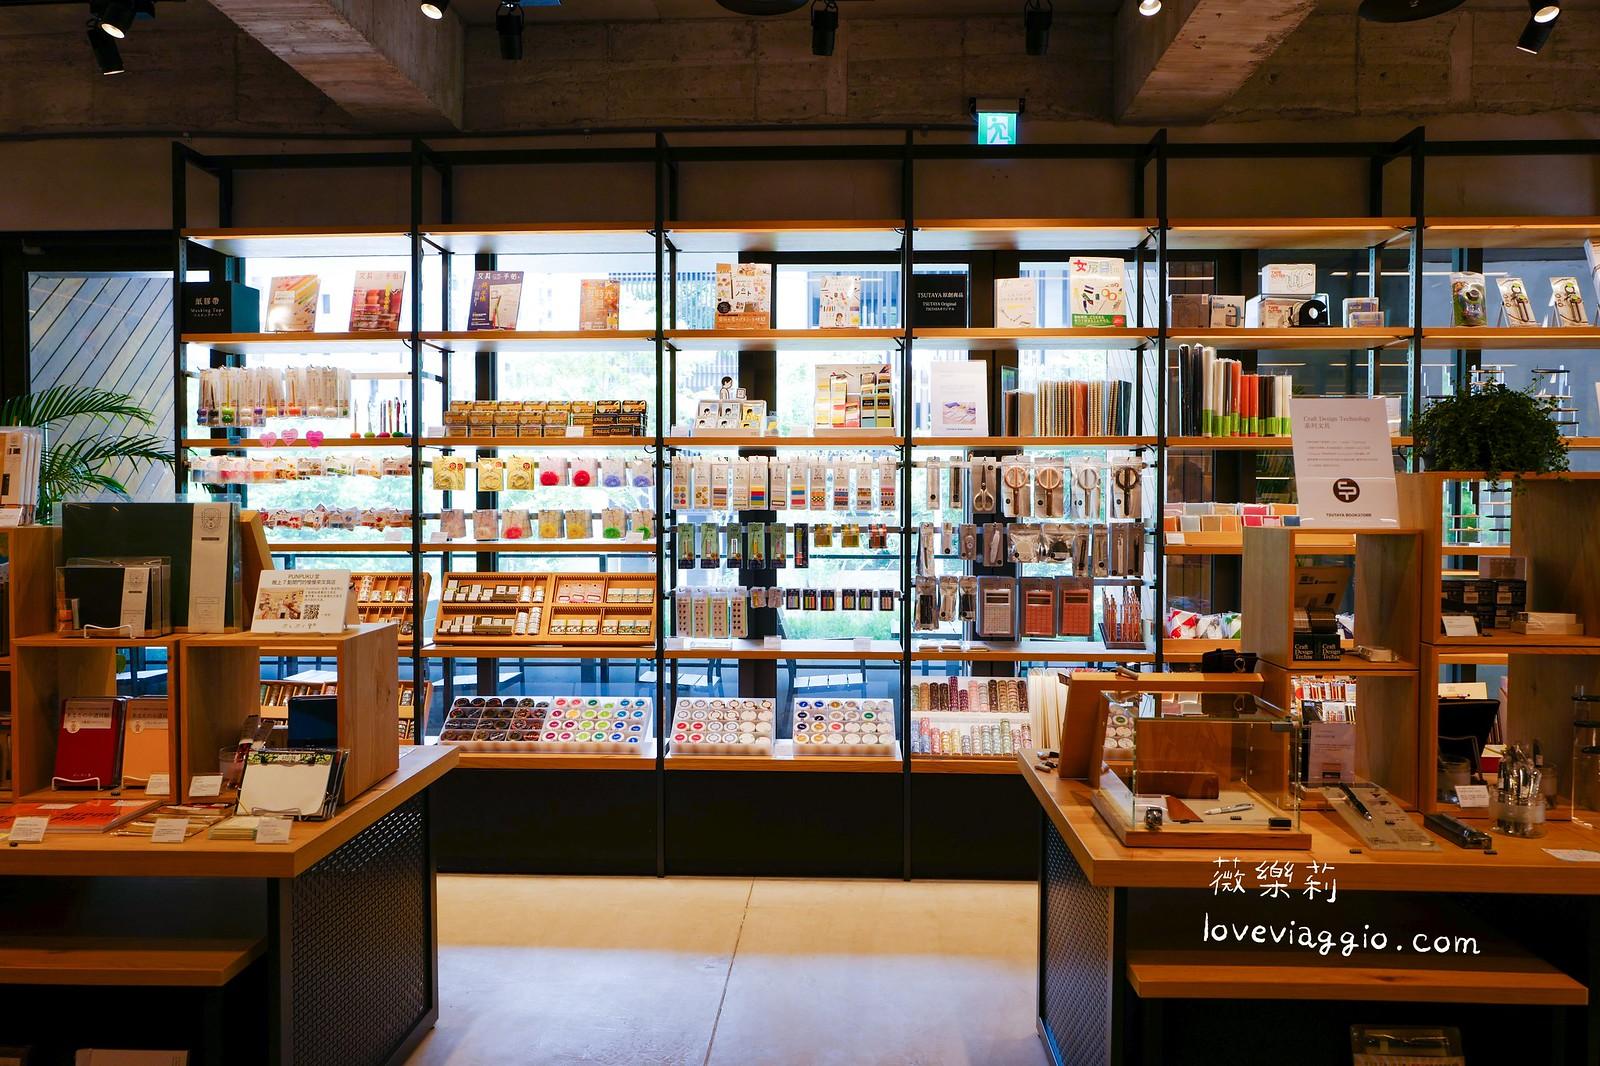 【台中Taichung】蔦屋書店 來自日本最美書店 結合餐廳與書的新生活美學 @薇樂莉 Love Viaggio   旅行.生活.攝影